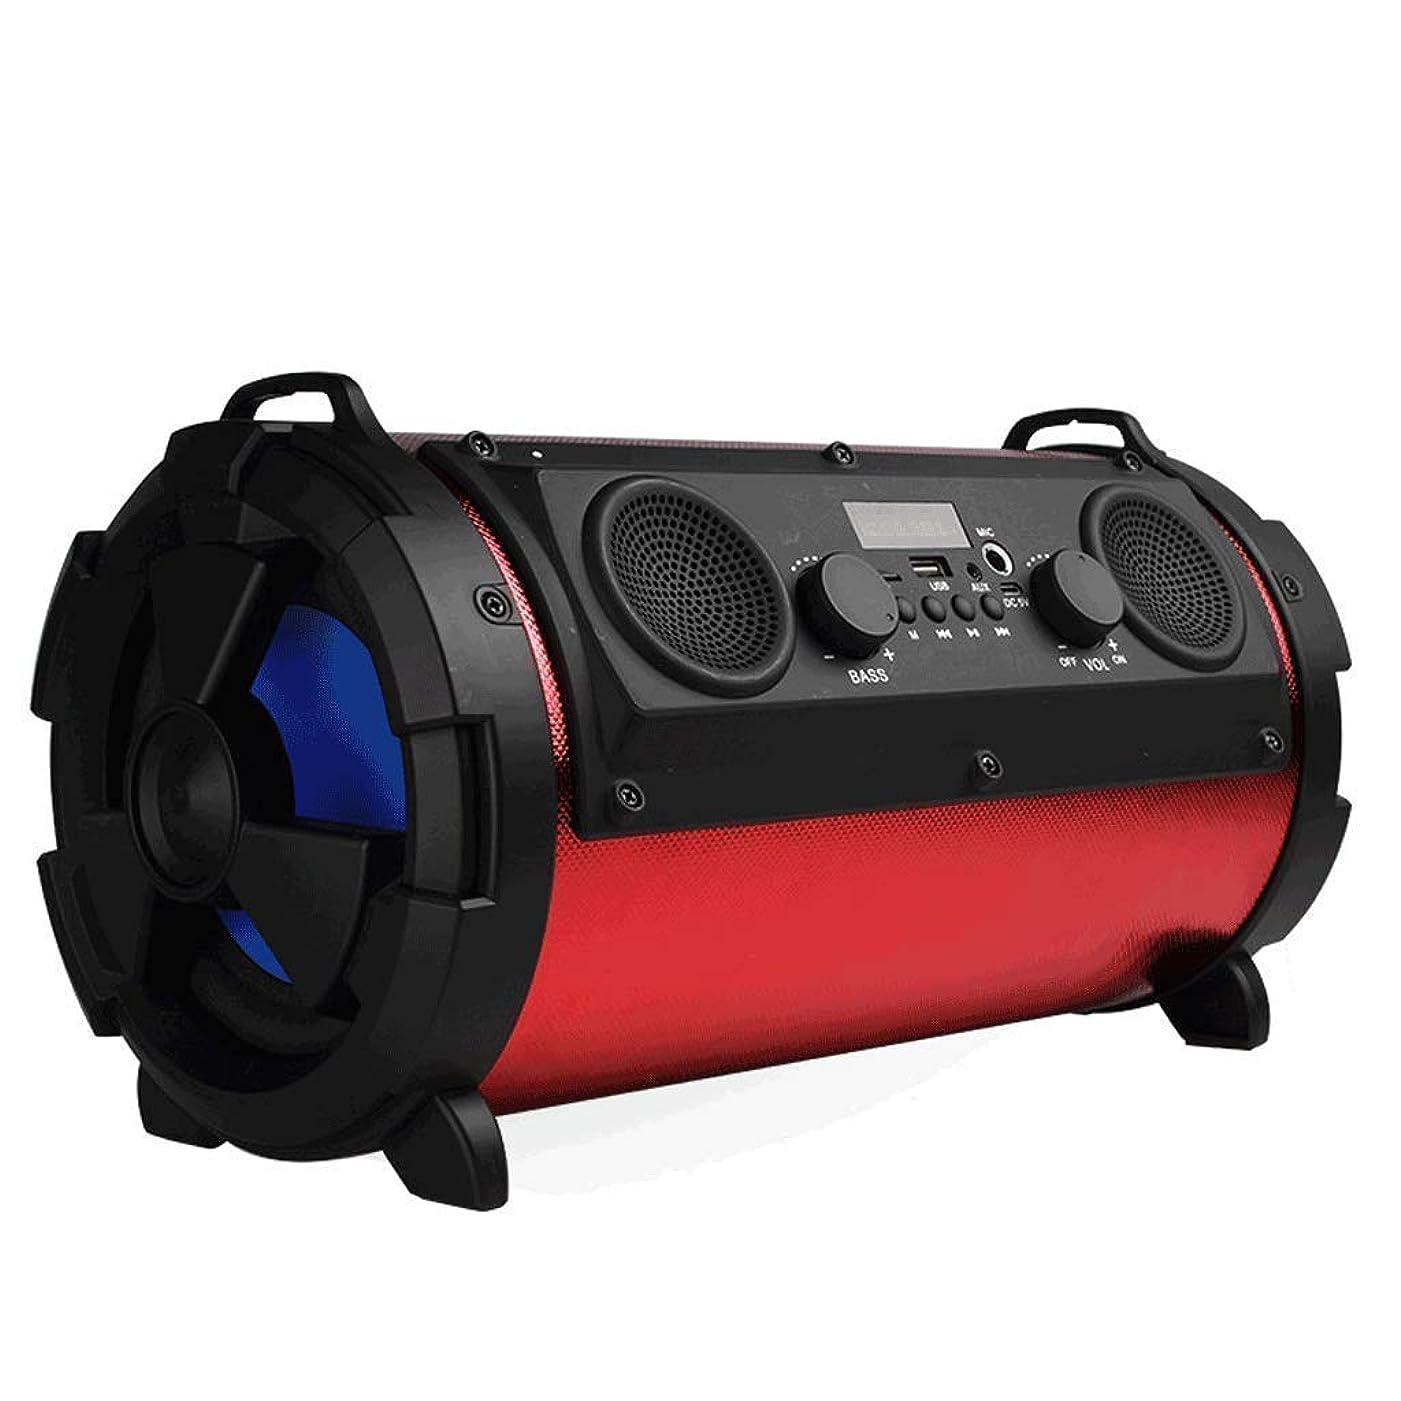 アルプスクラフト展示会サブウーファーカードマイクオーディオBluetoothスピーカー屋外防水と防塵多機能オーディオ (Color : Red)